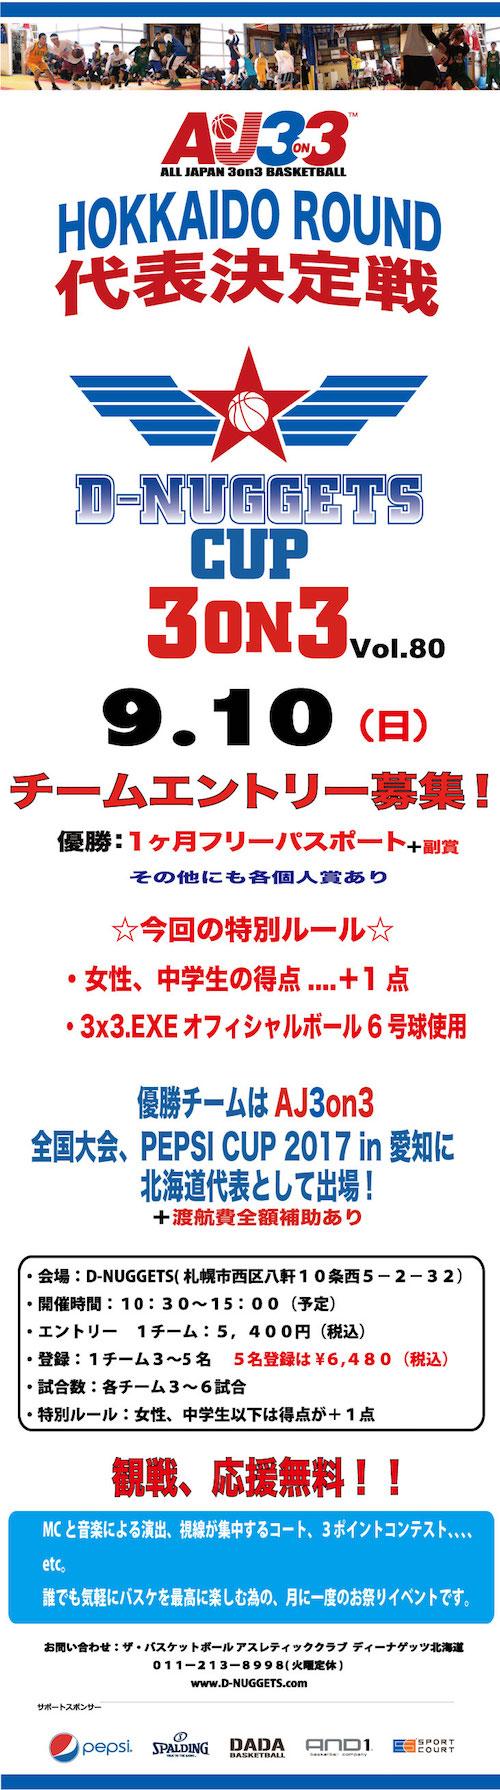 AJ3on3-HOKKAIDO-ROUND-2017.jpg